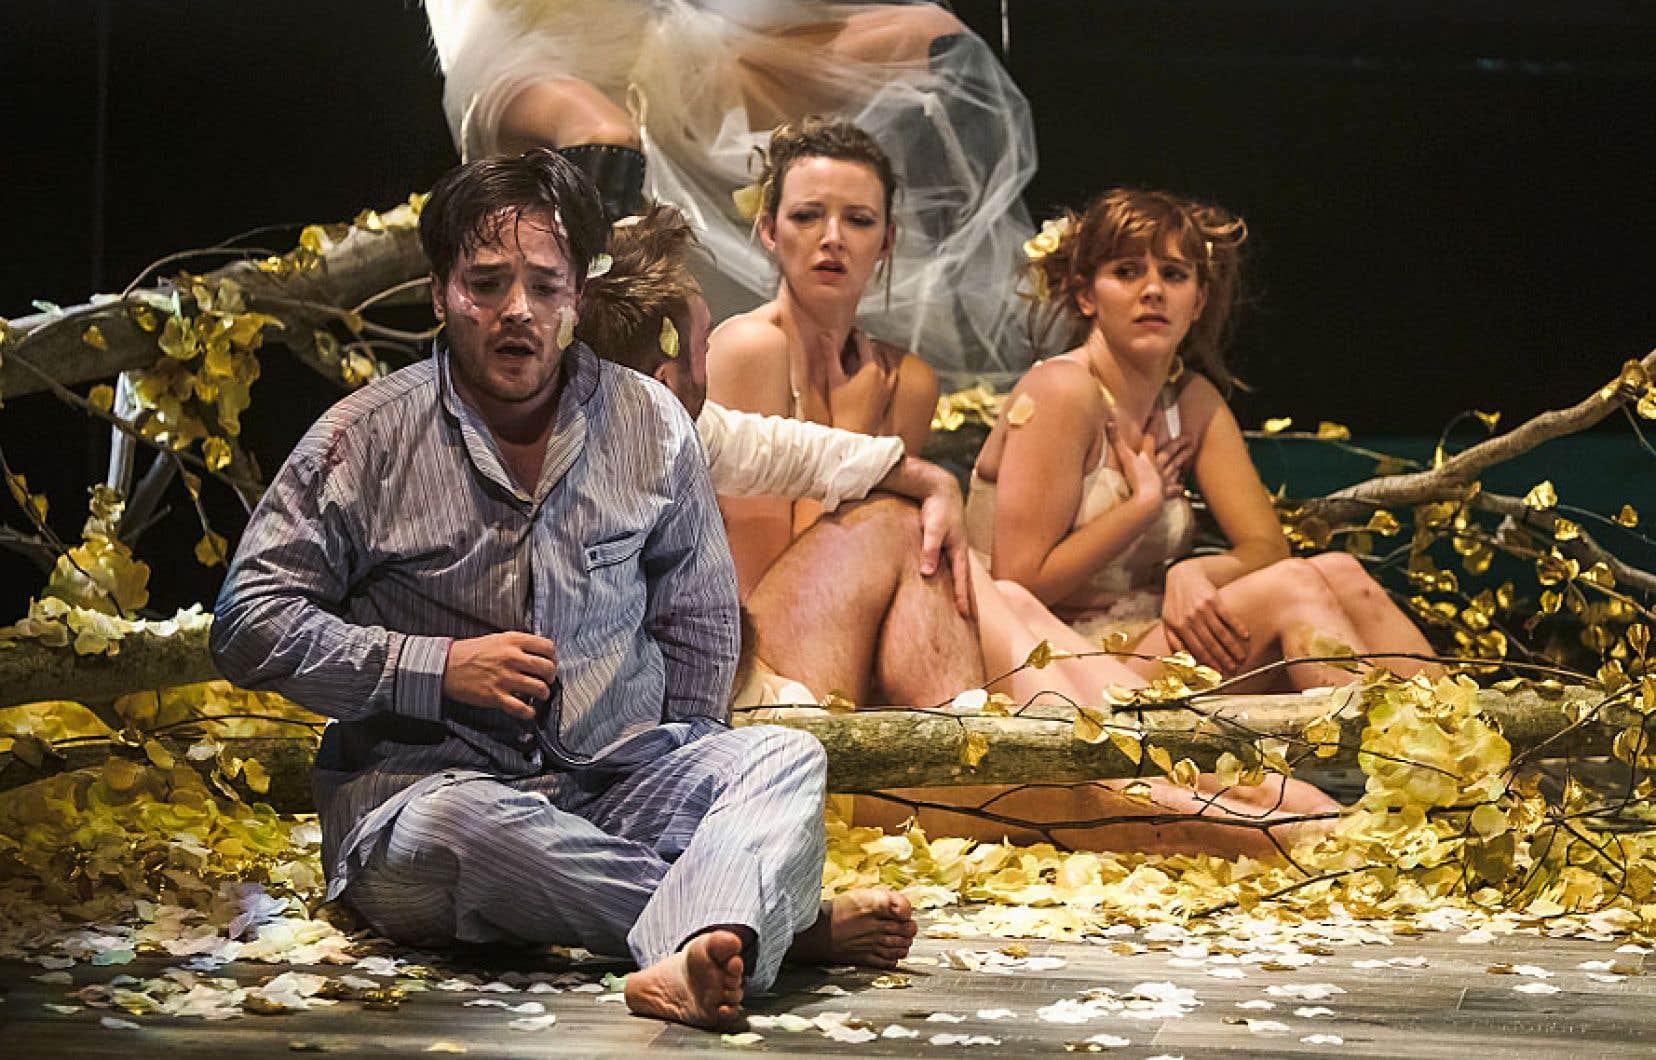 La compagnie Flip Fabrique présente «Le songe d'une nuit d'été» à la Tohu, du 30janvier au 10février. On y retrouvera «un Shakespeare bouffon, rocambolesque et athlétique».